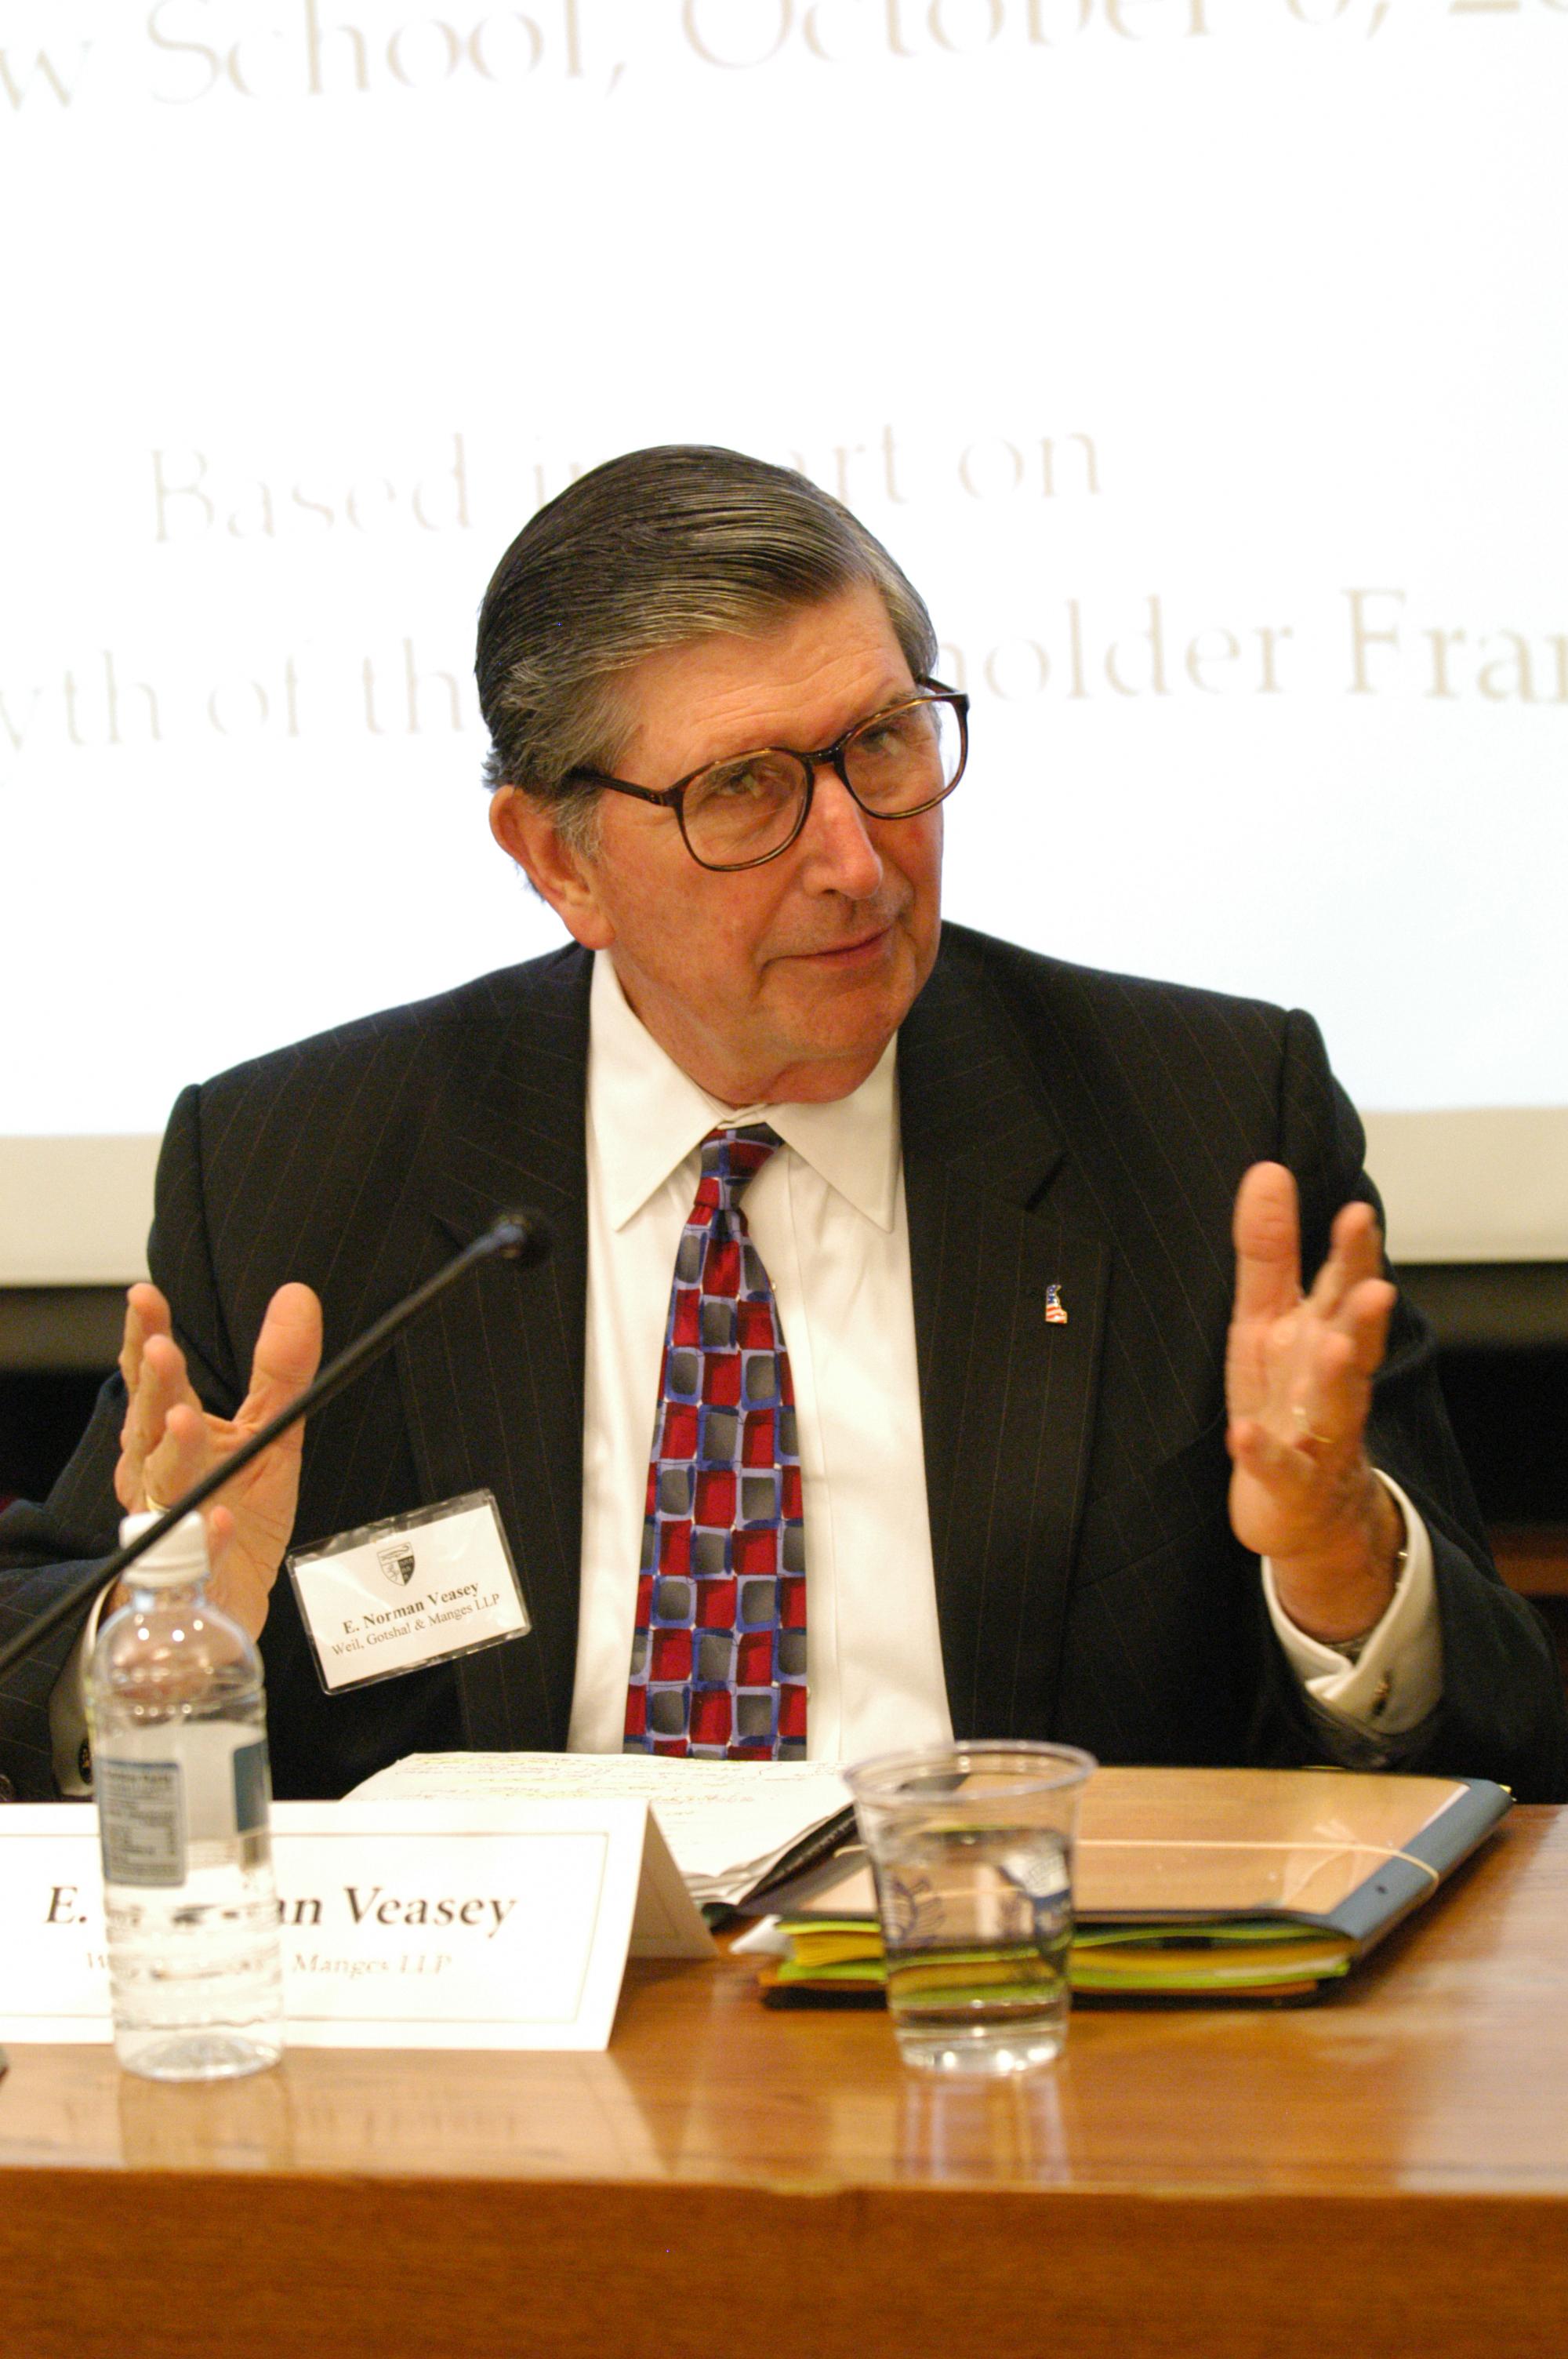 Hon. E. Norman Veasey